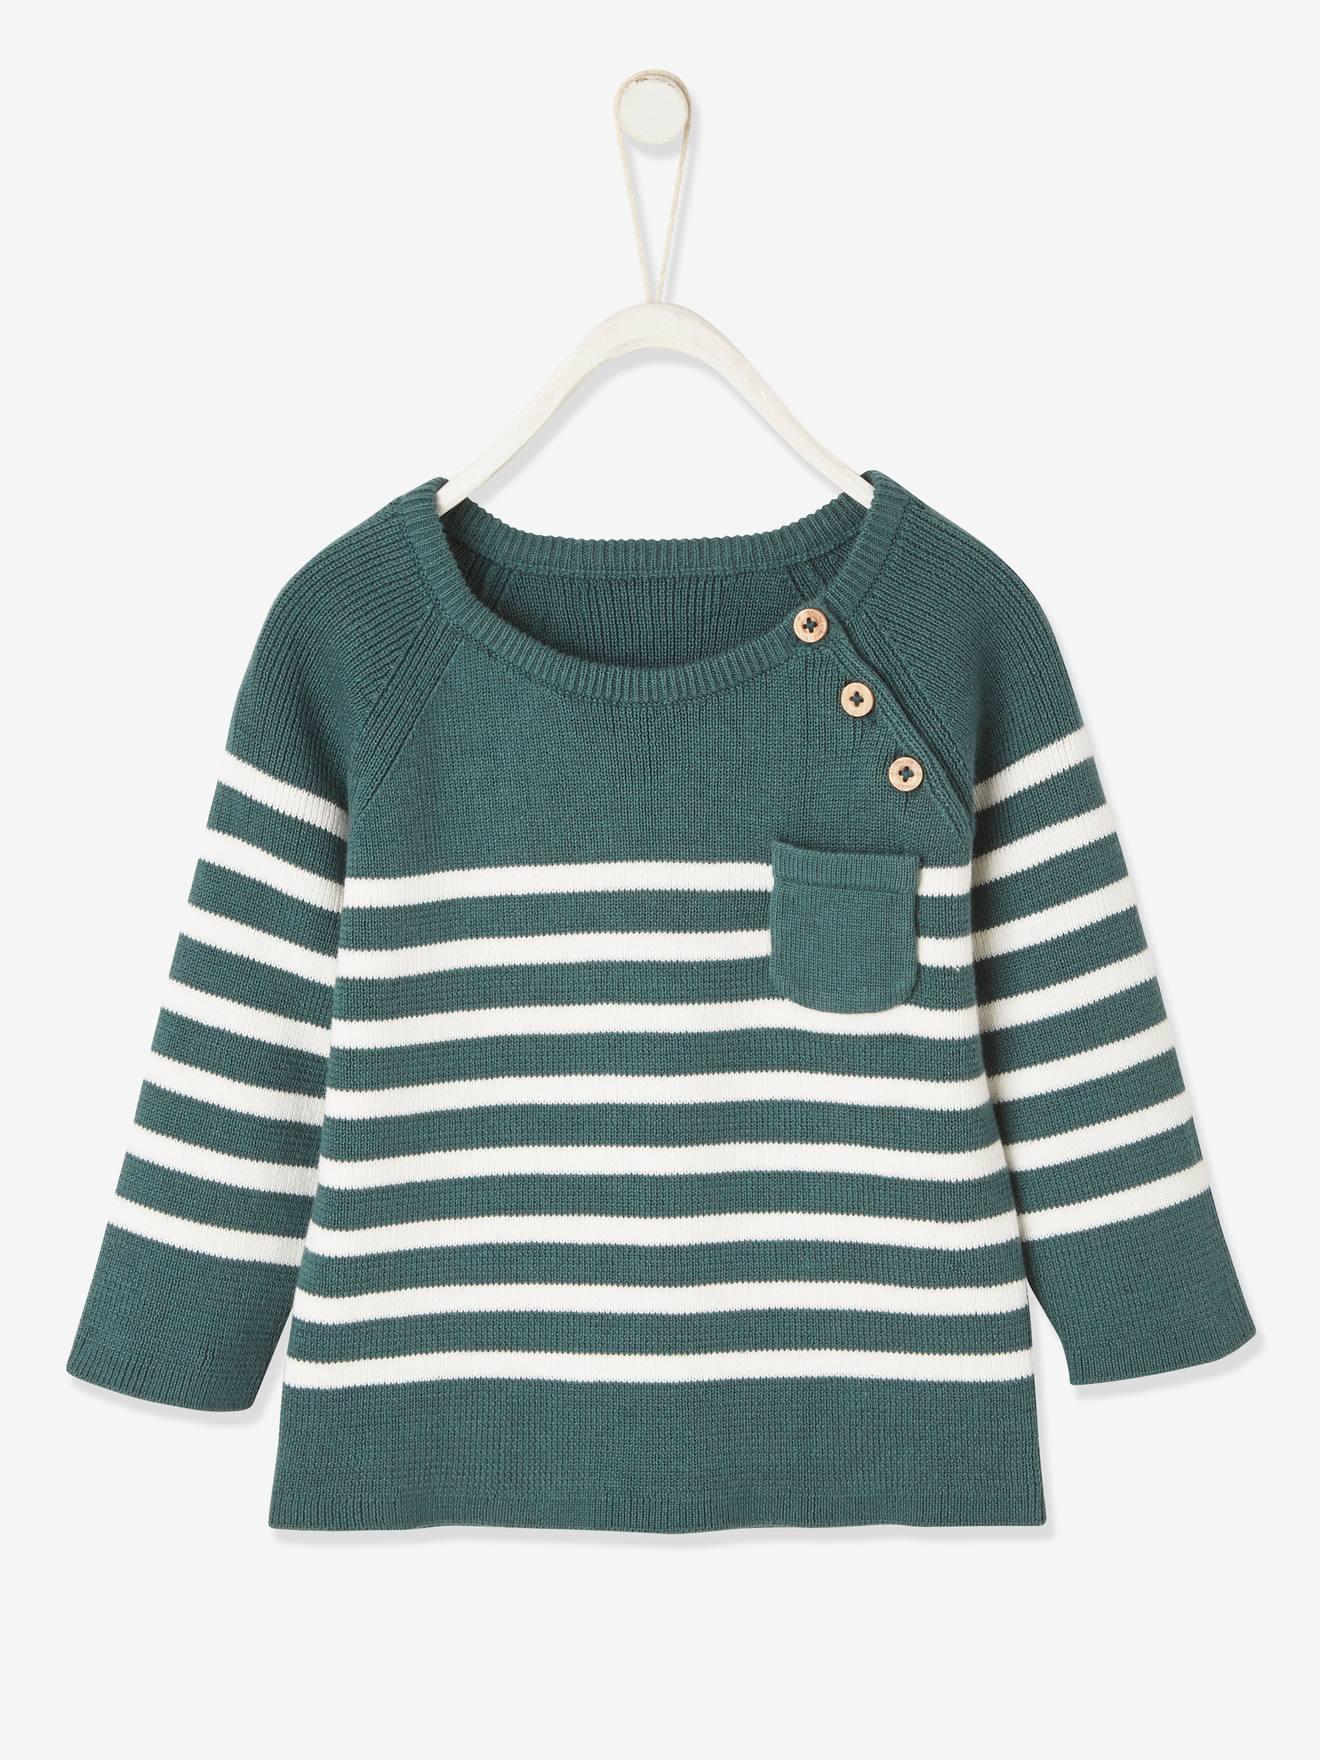 Pull marinière bébé vert grisé rayé